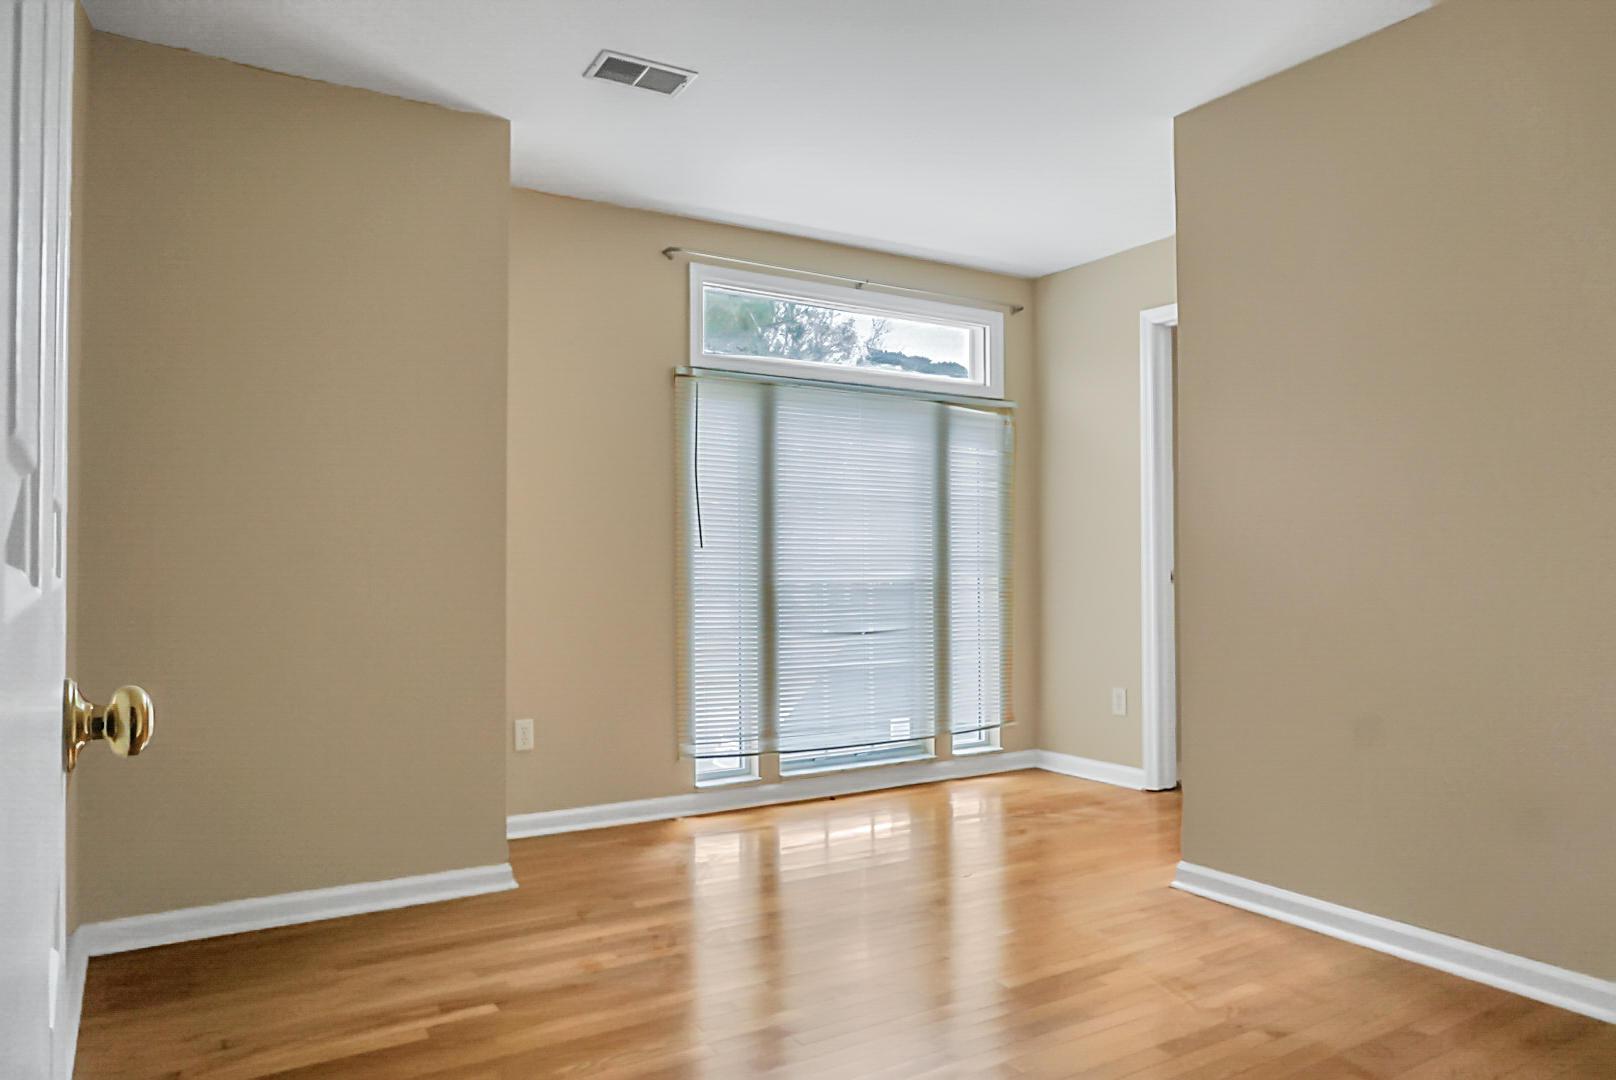 Dunes West Homes For Sale - 3209 Carmel Bay, Mount Pleasant, SC - 4